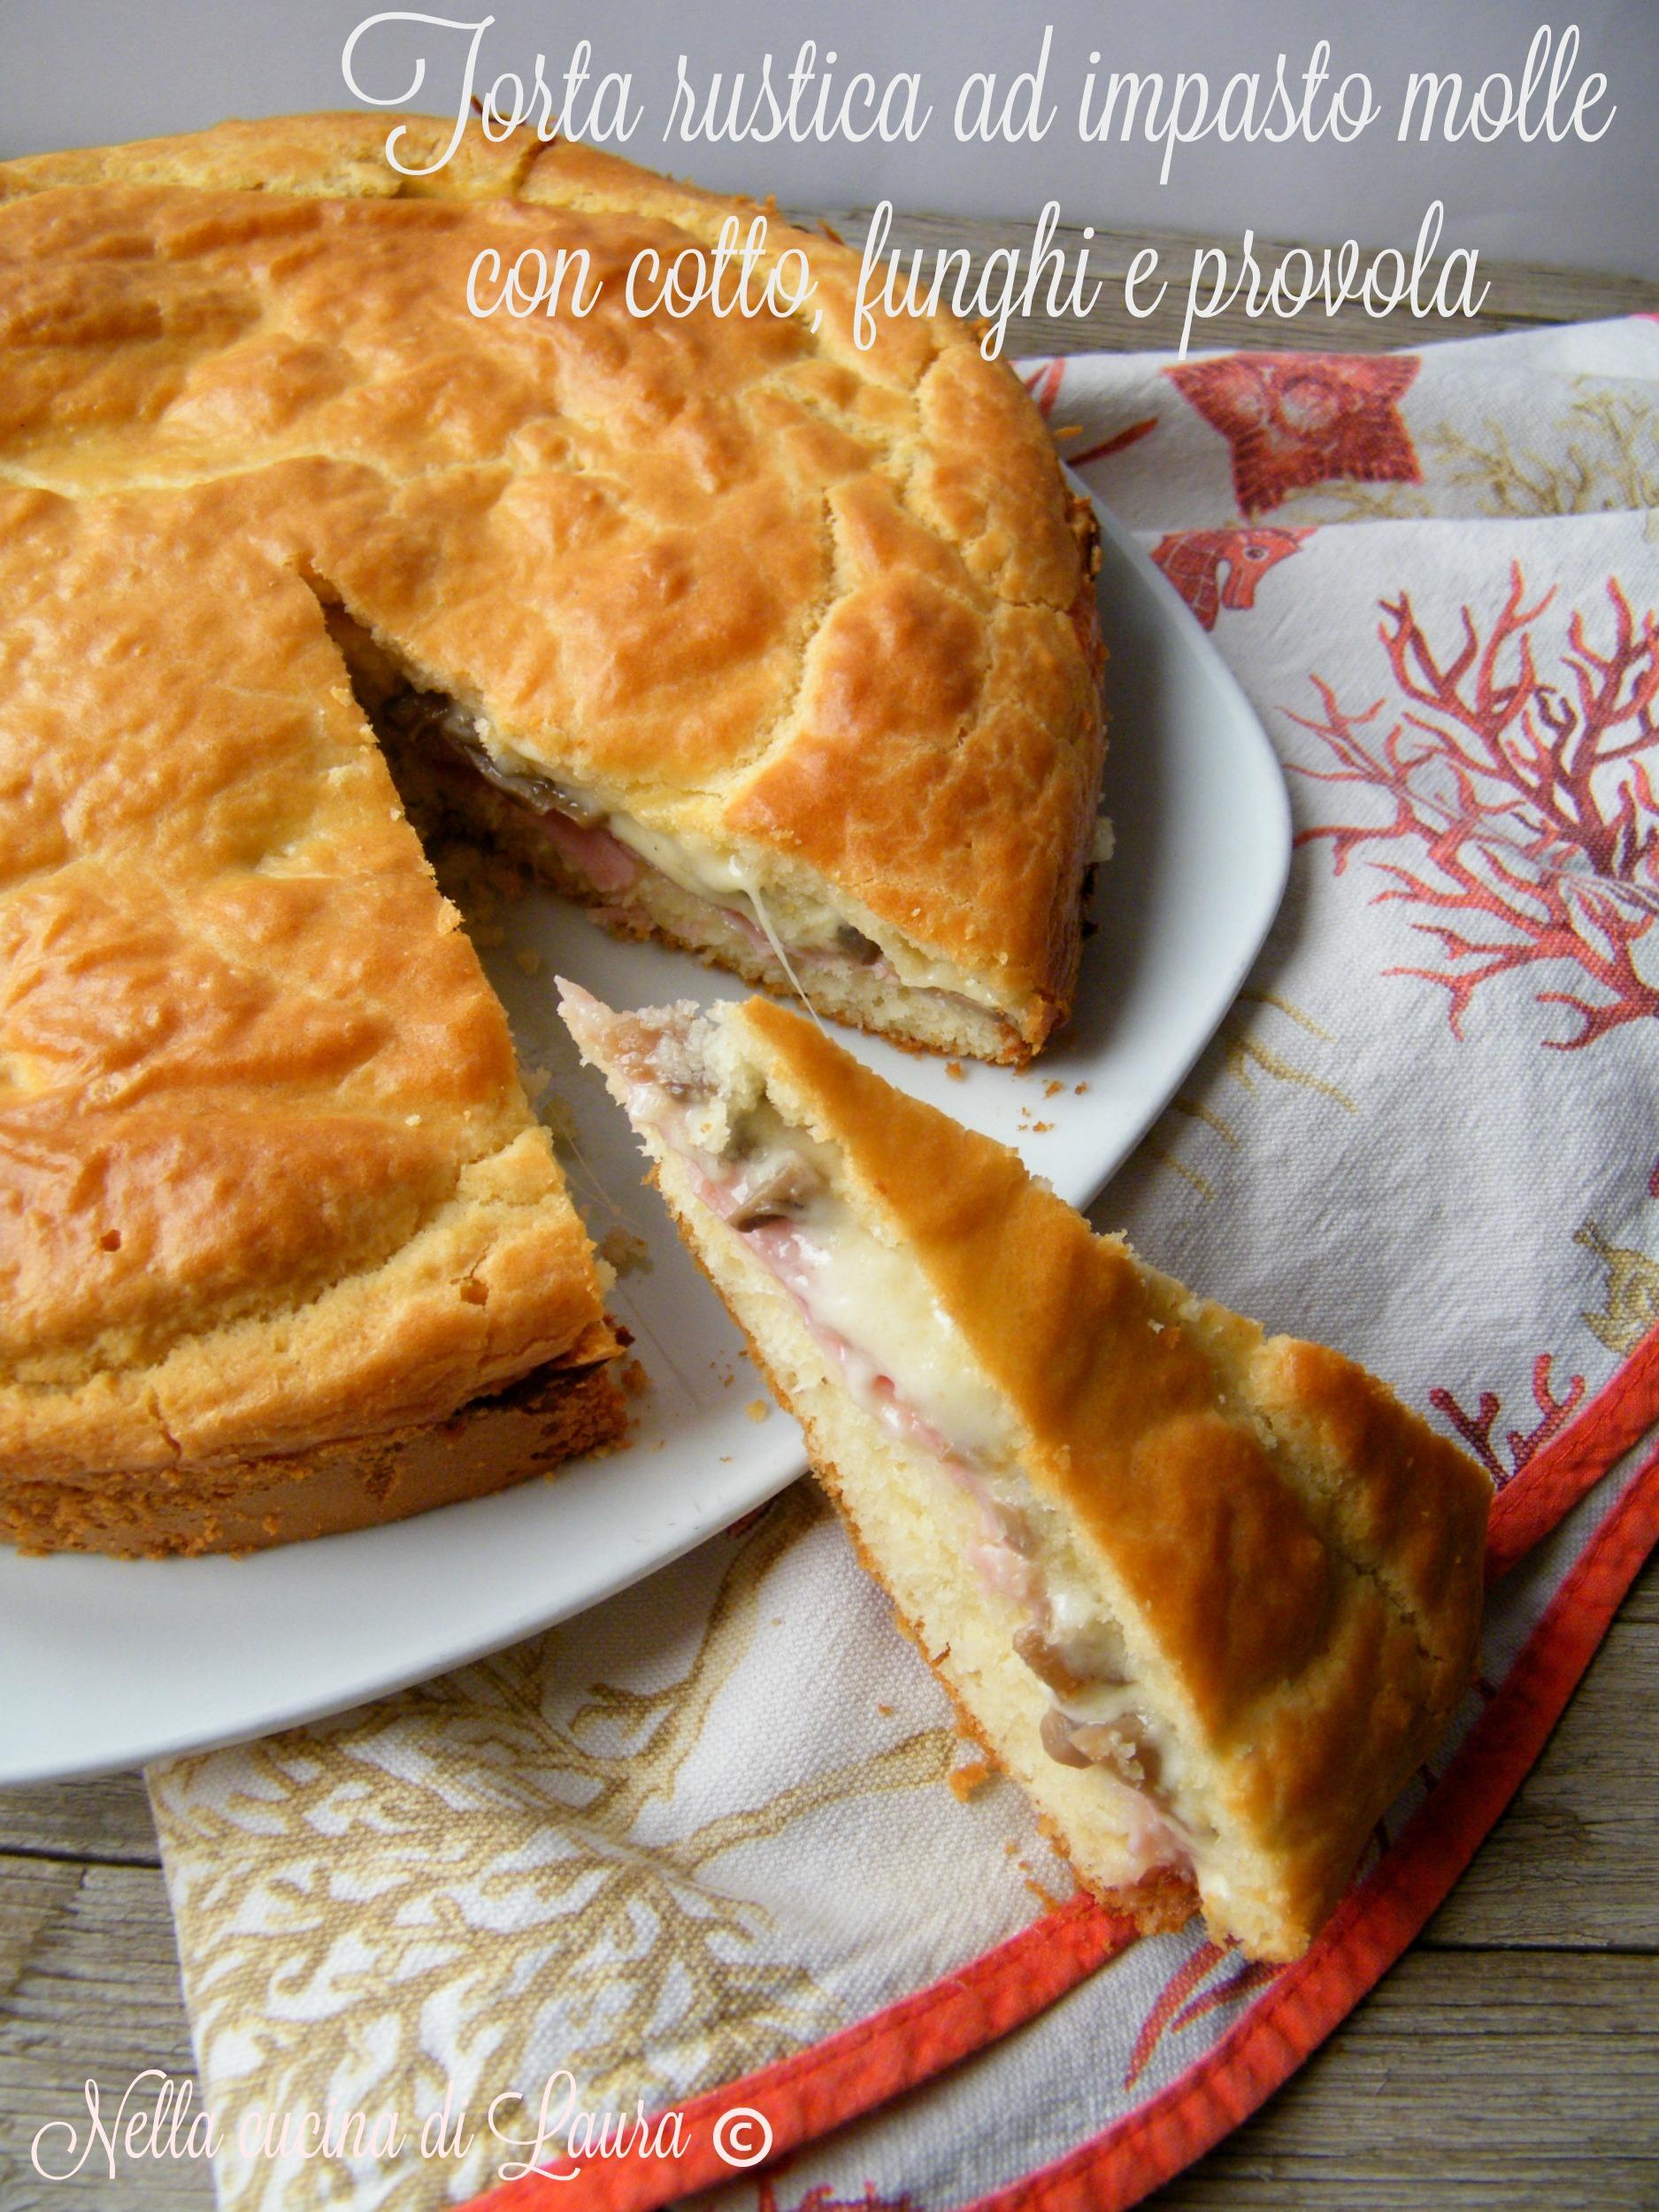 torta rustica ad impasto molle con cotto funghi e provola - nella cucina di laura